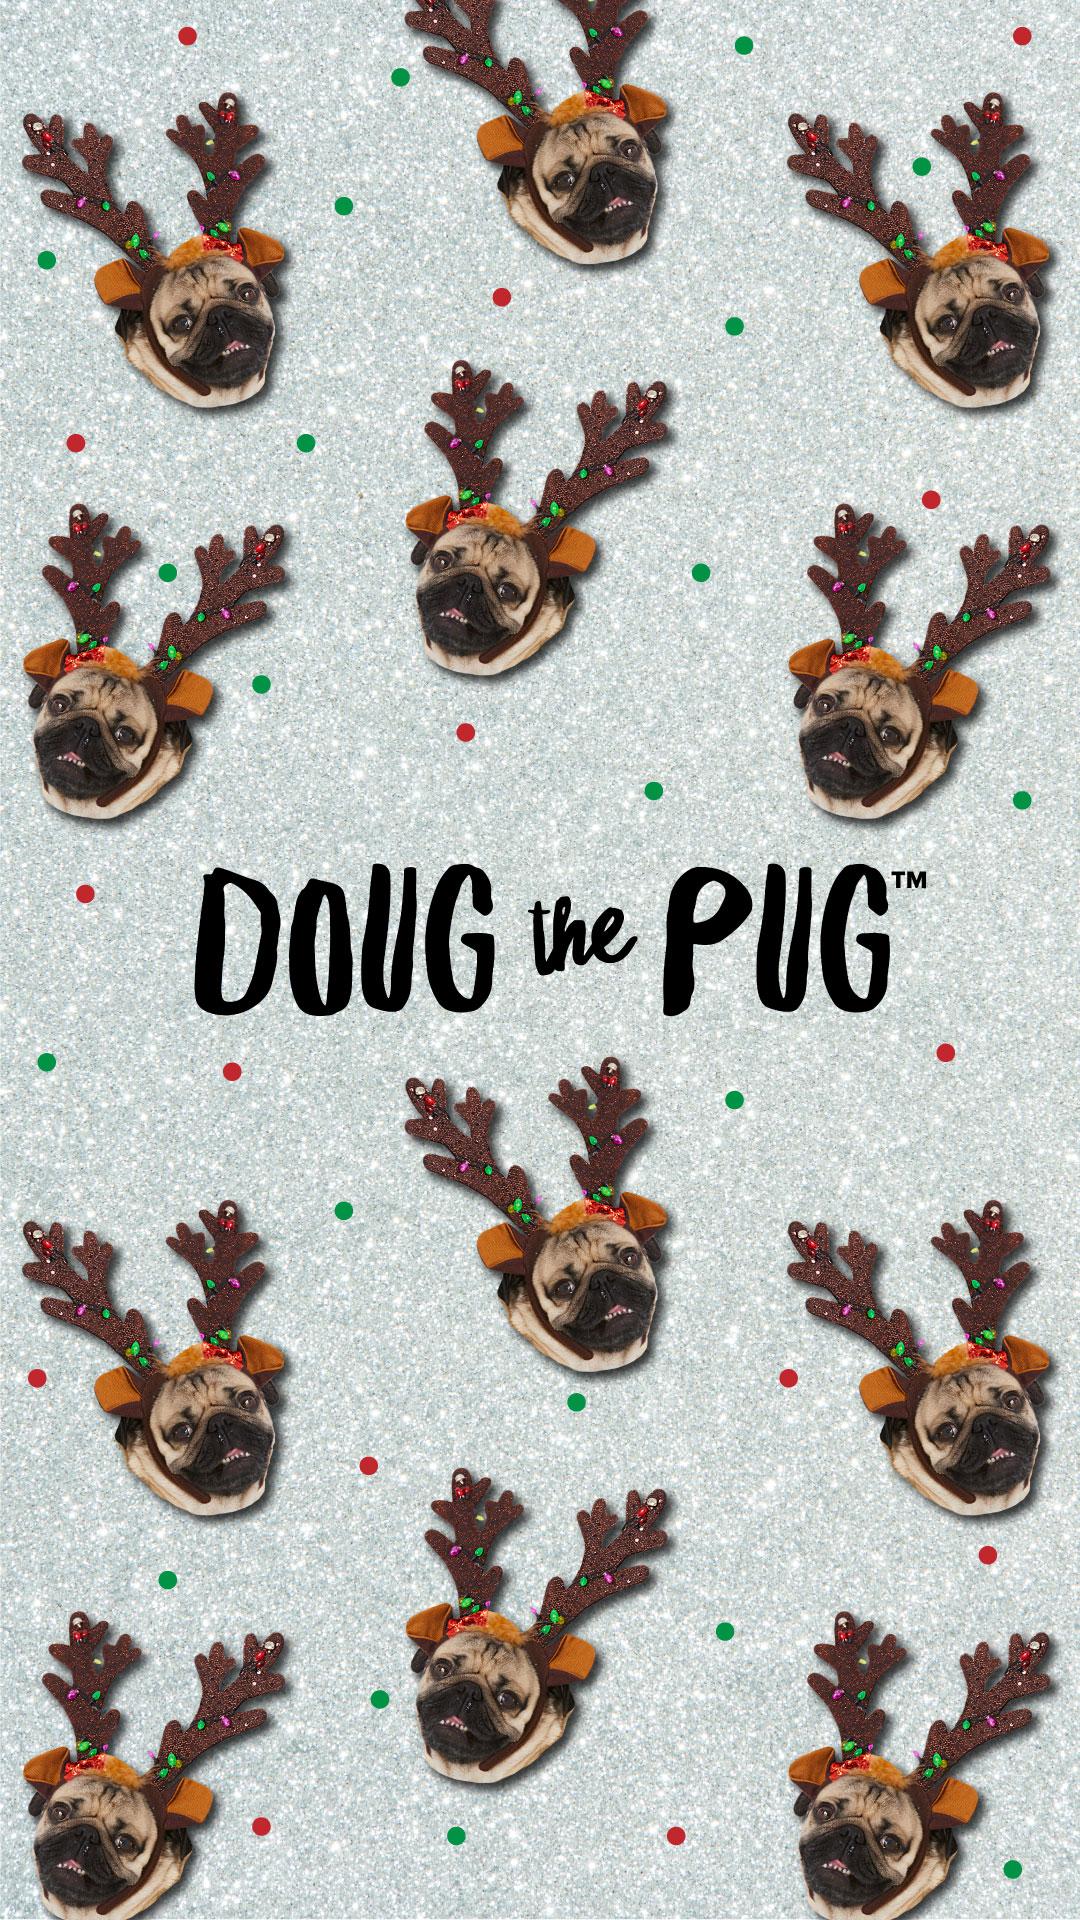 FREE Doug the Pug Christmas Wallpapers   ClairesBlog 1080x1920